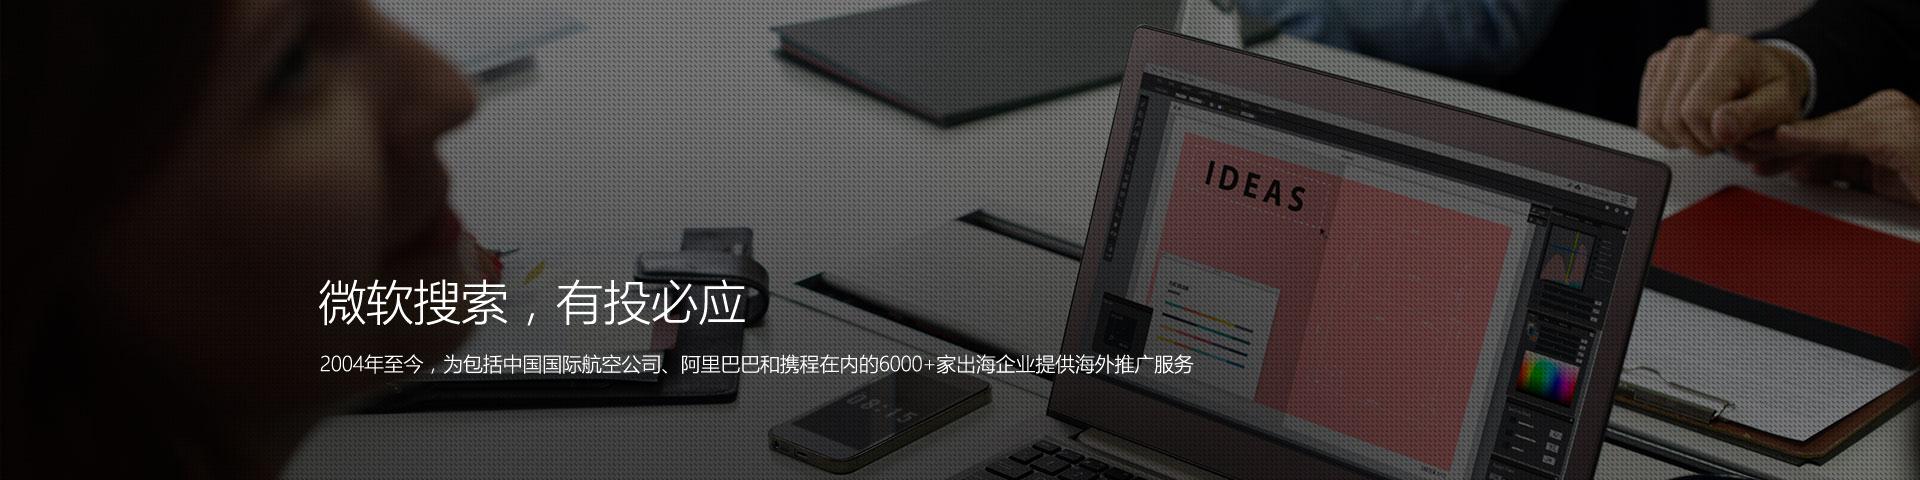 9929.com